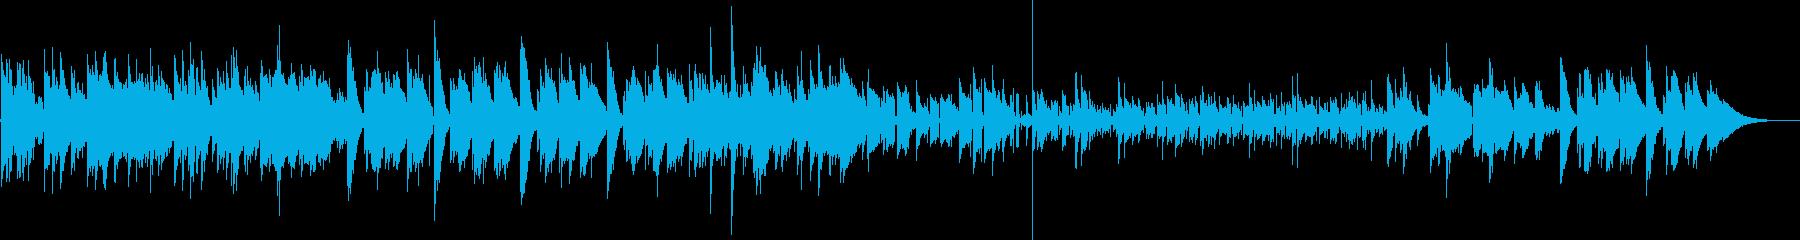 懐かしさを感じるメロディが印象的の再生済みの波形